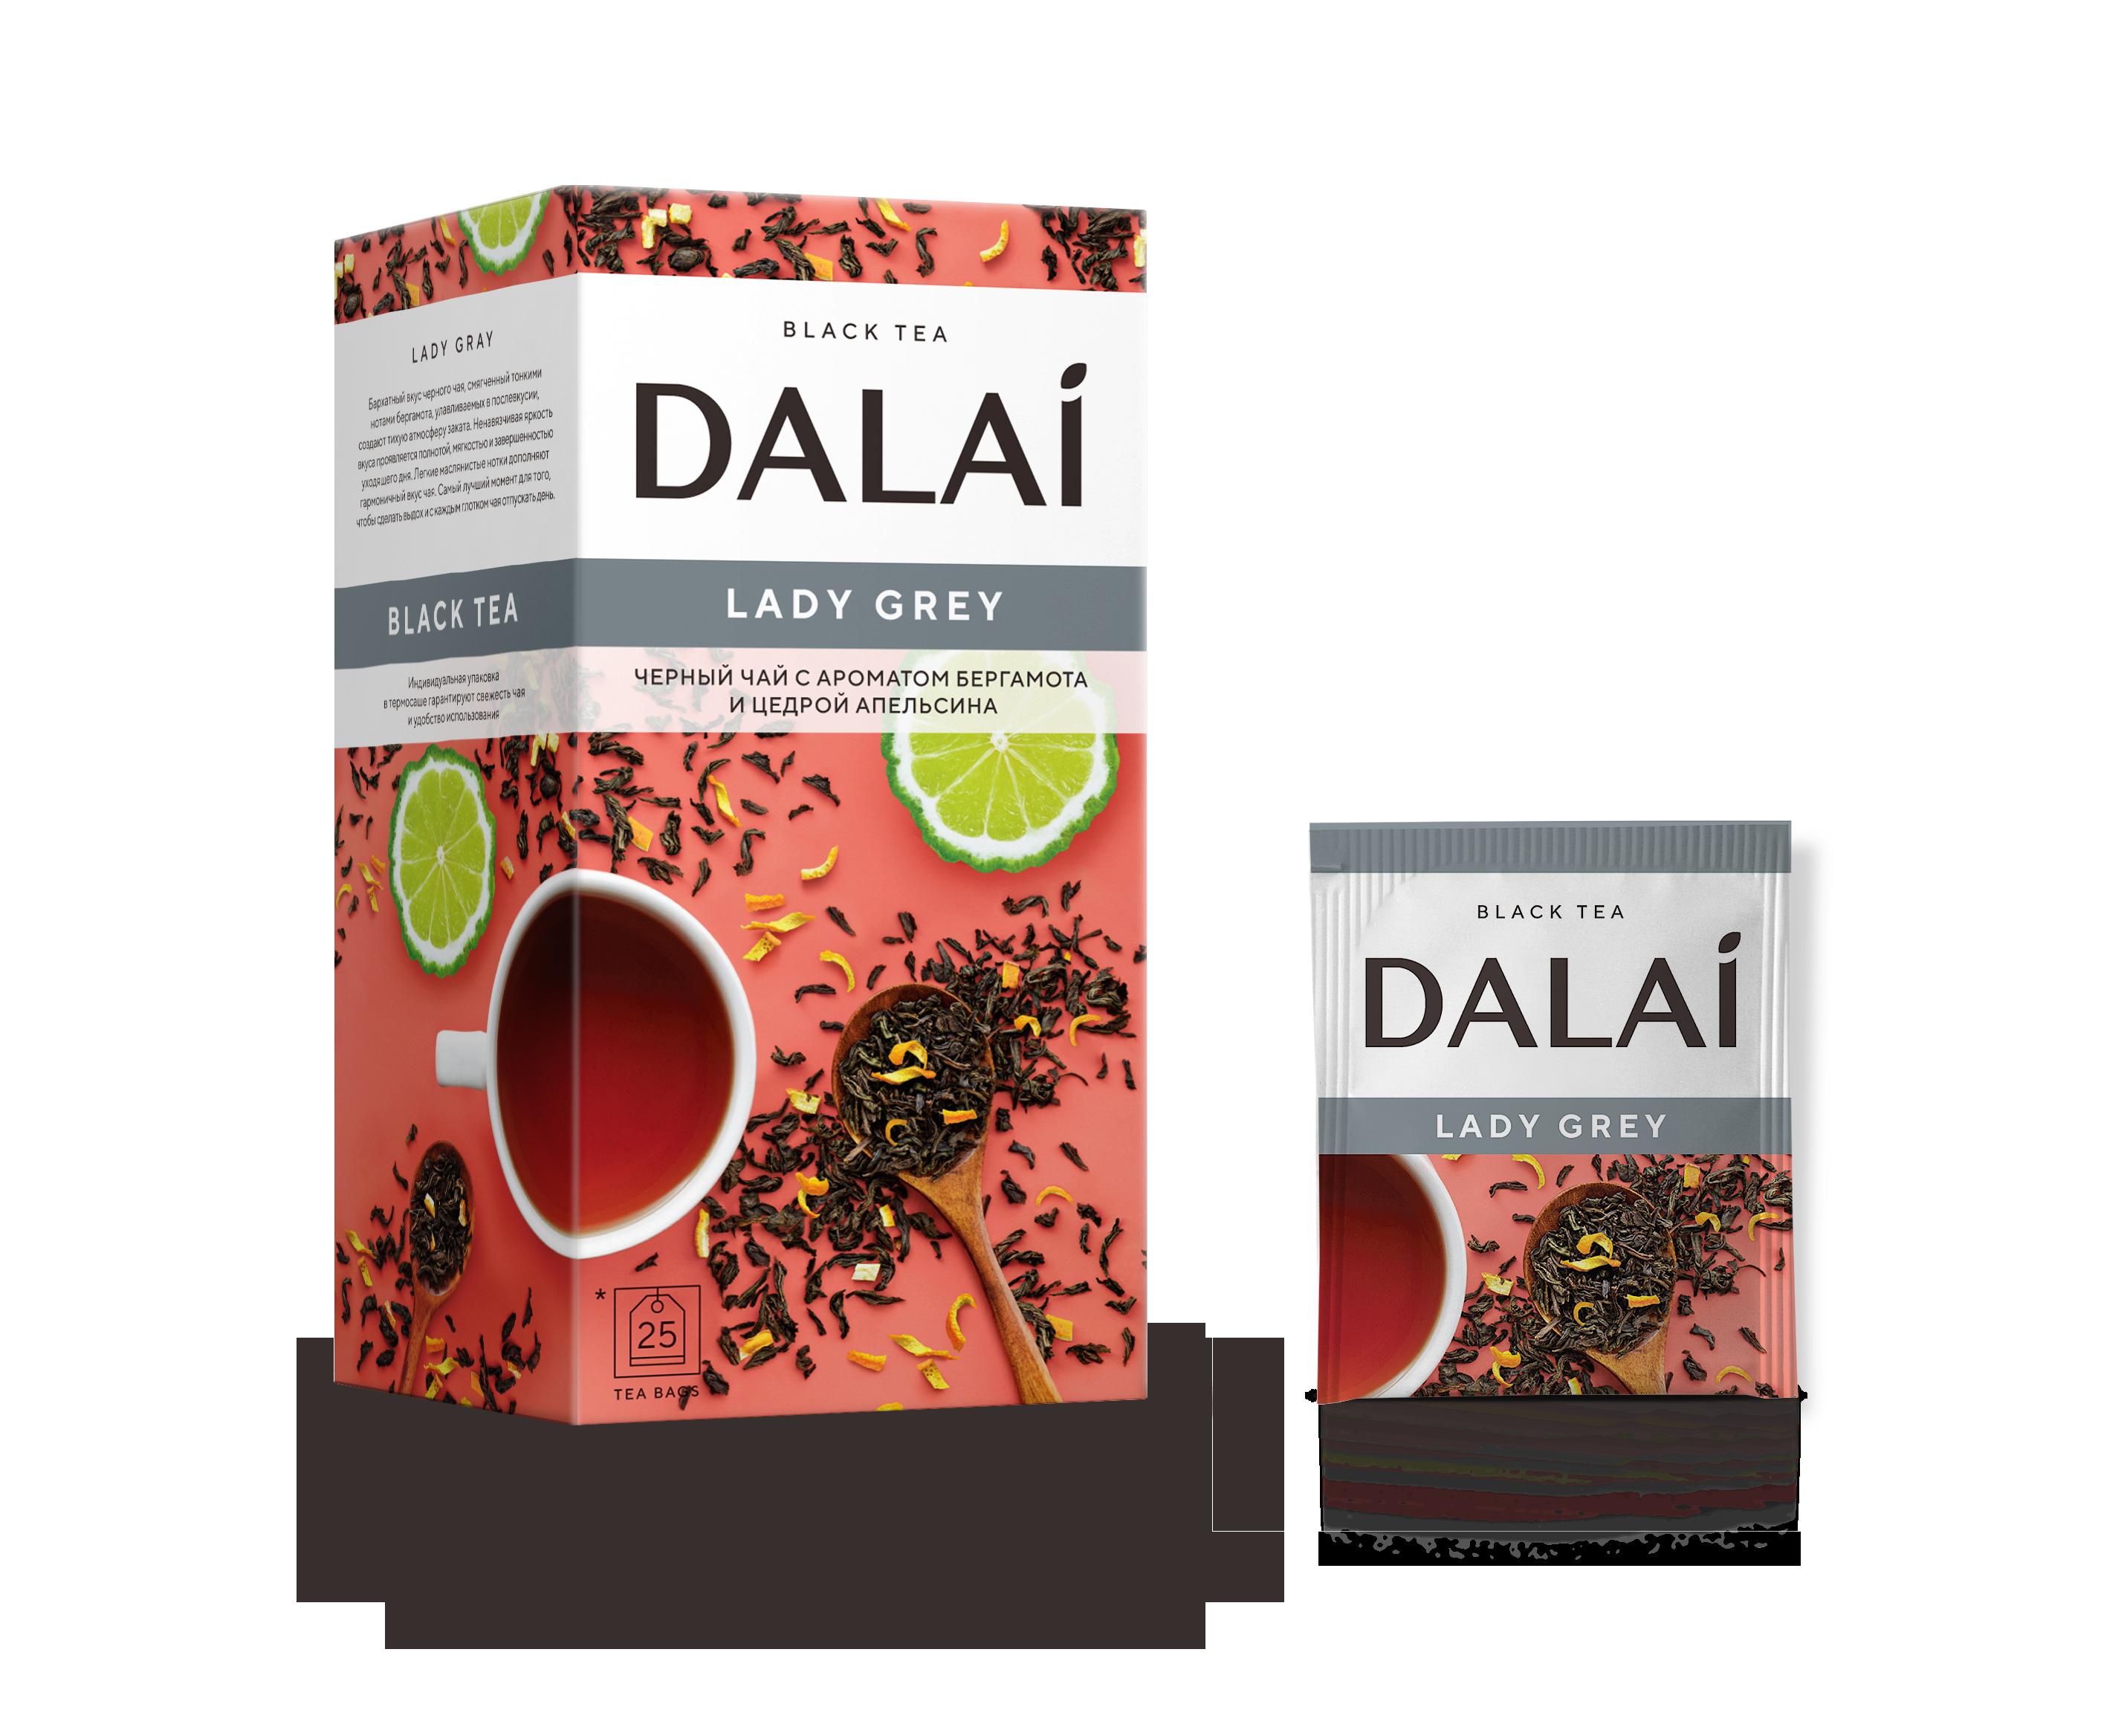 dalai lady grey